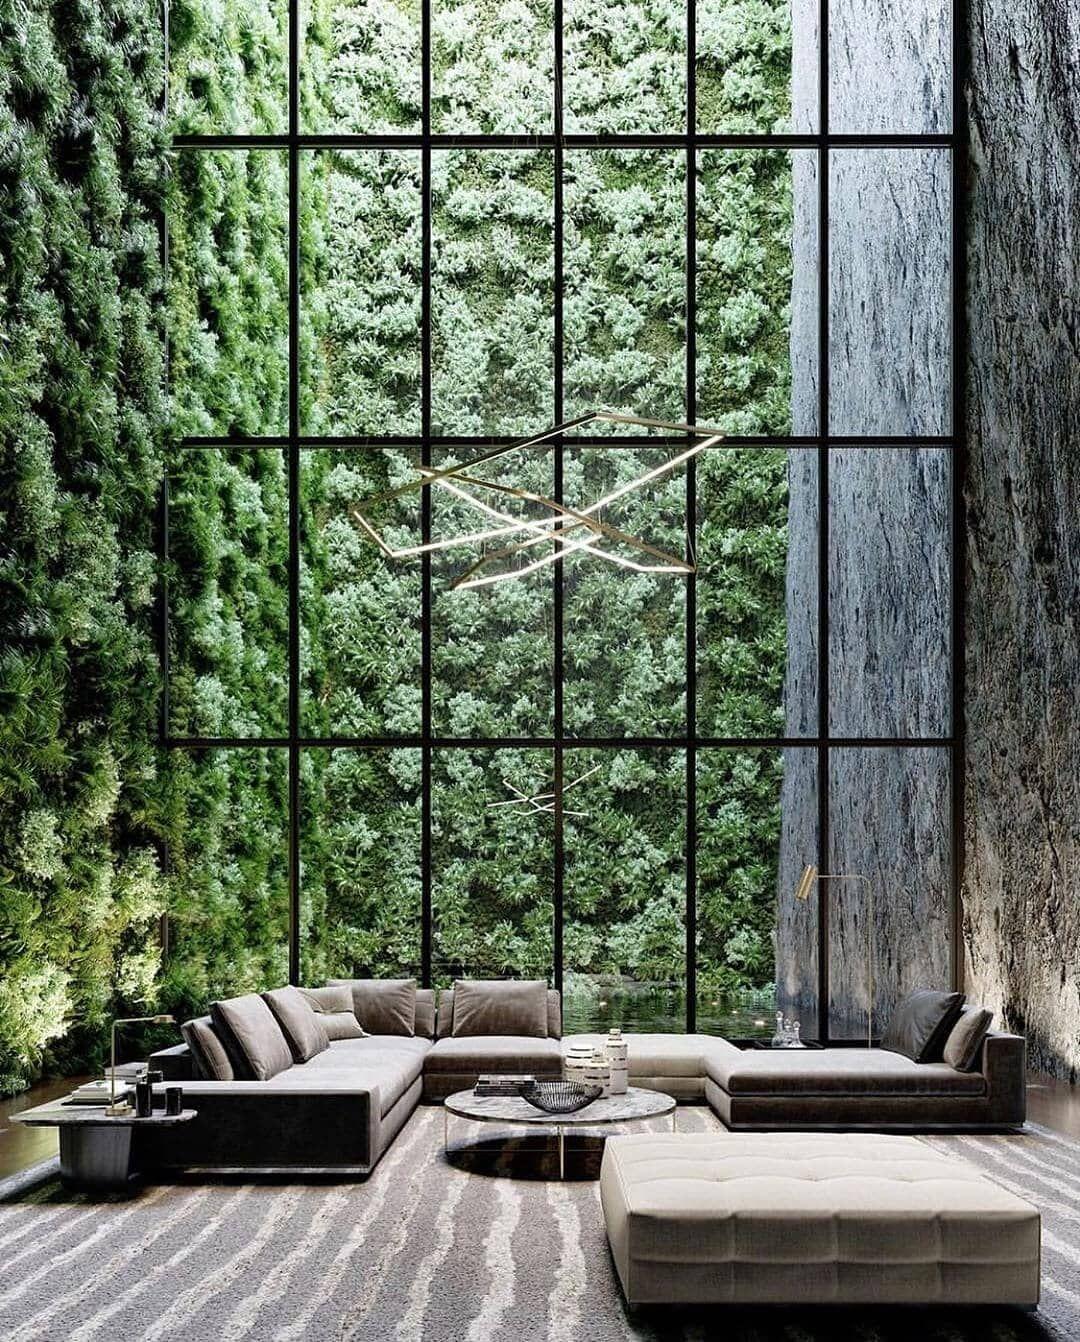 Gefällt 10 9 Tsd Mal 103 Kommentare Designwanted Designwanted Auf Instagram What Are Your Wohnzimmer Dekor Design Für Zuhause Moderne Raumausstattung